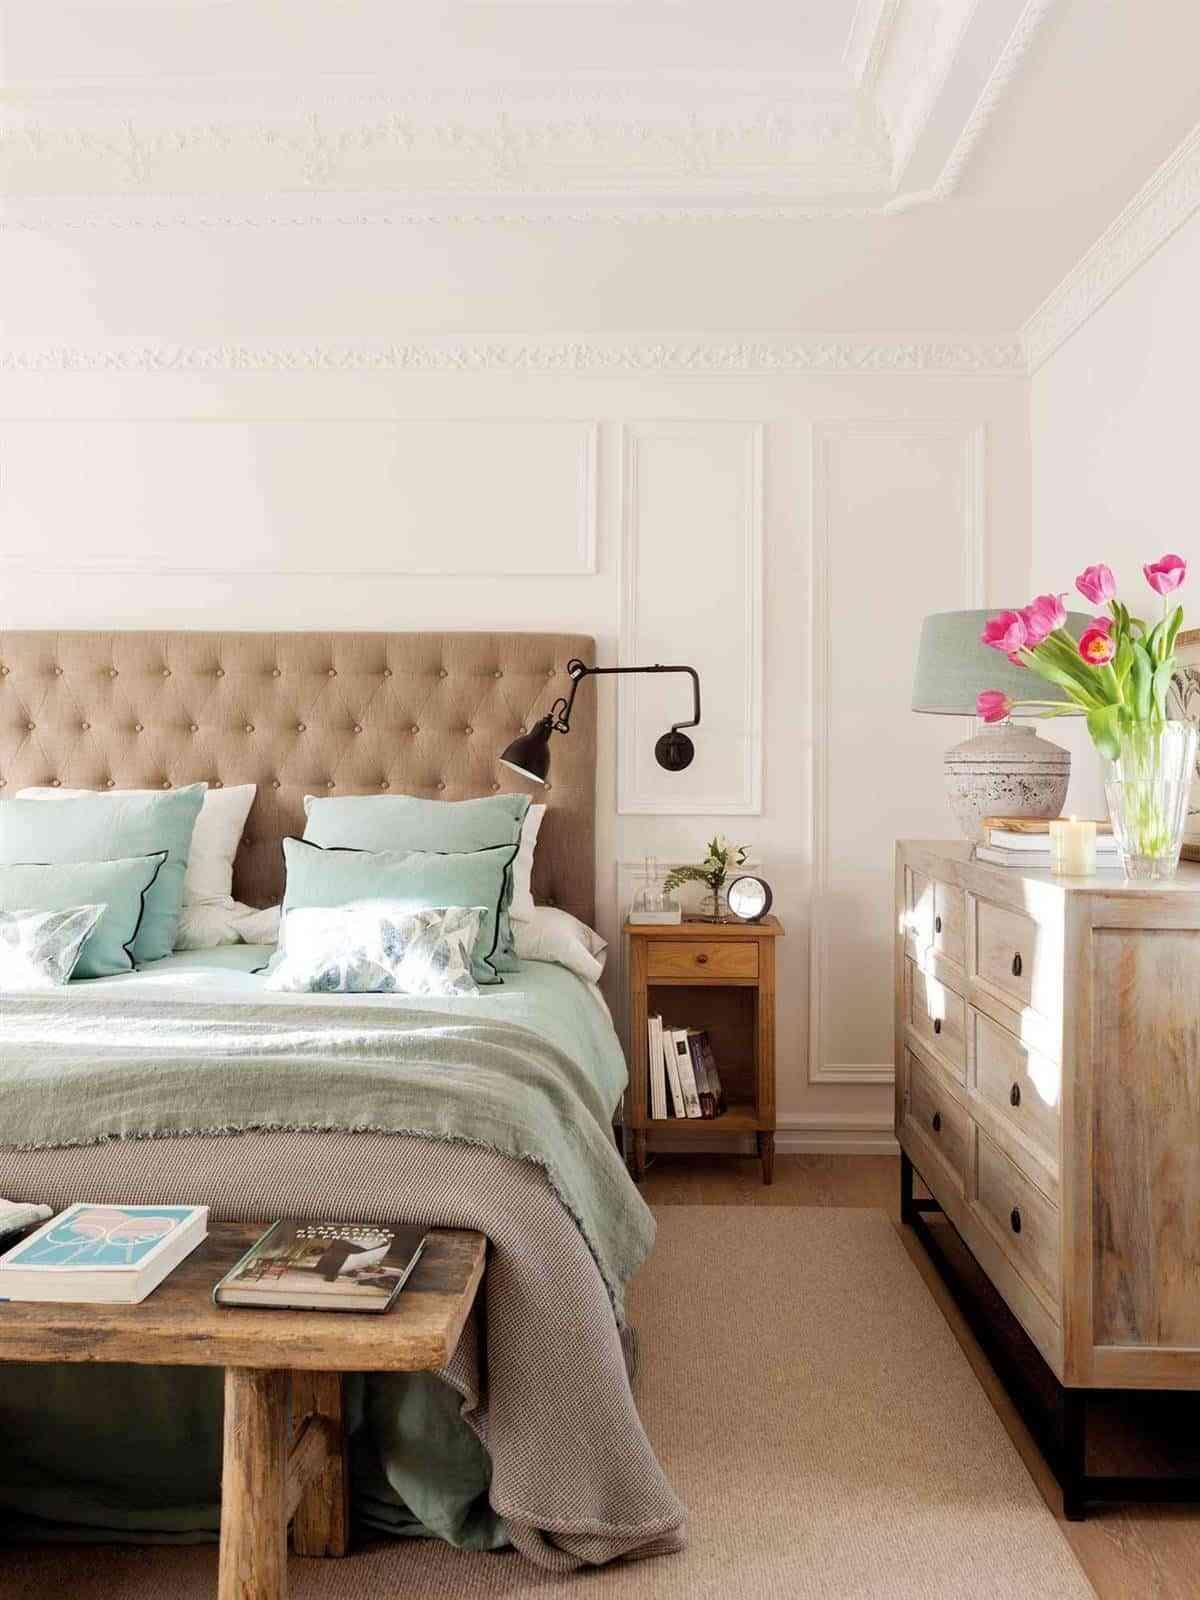 Claves para conseguir un dormitorio más acogedor y saludable